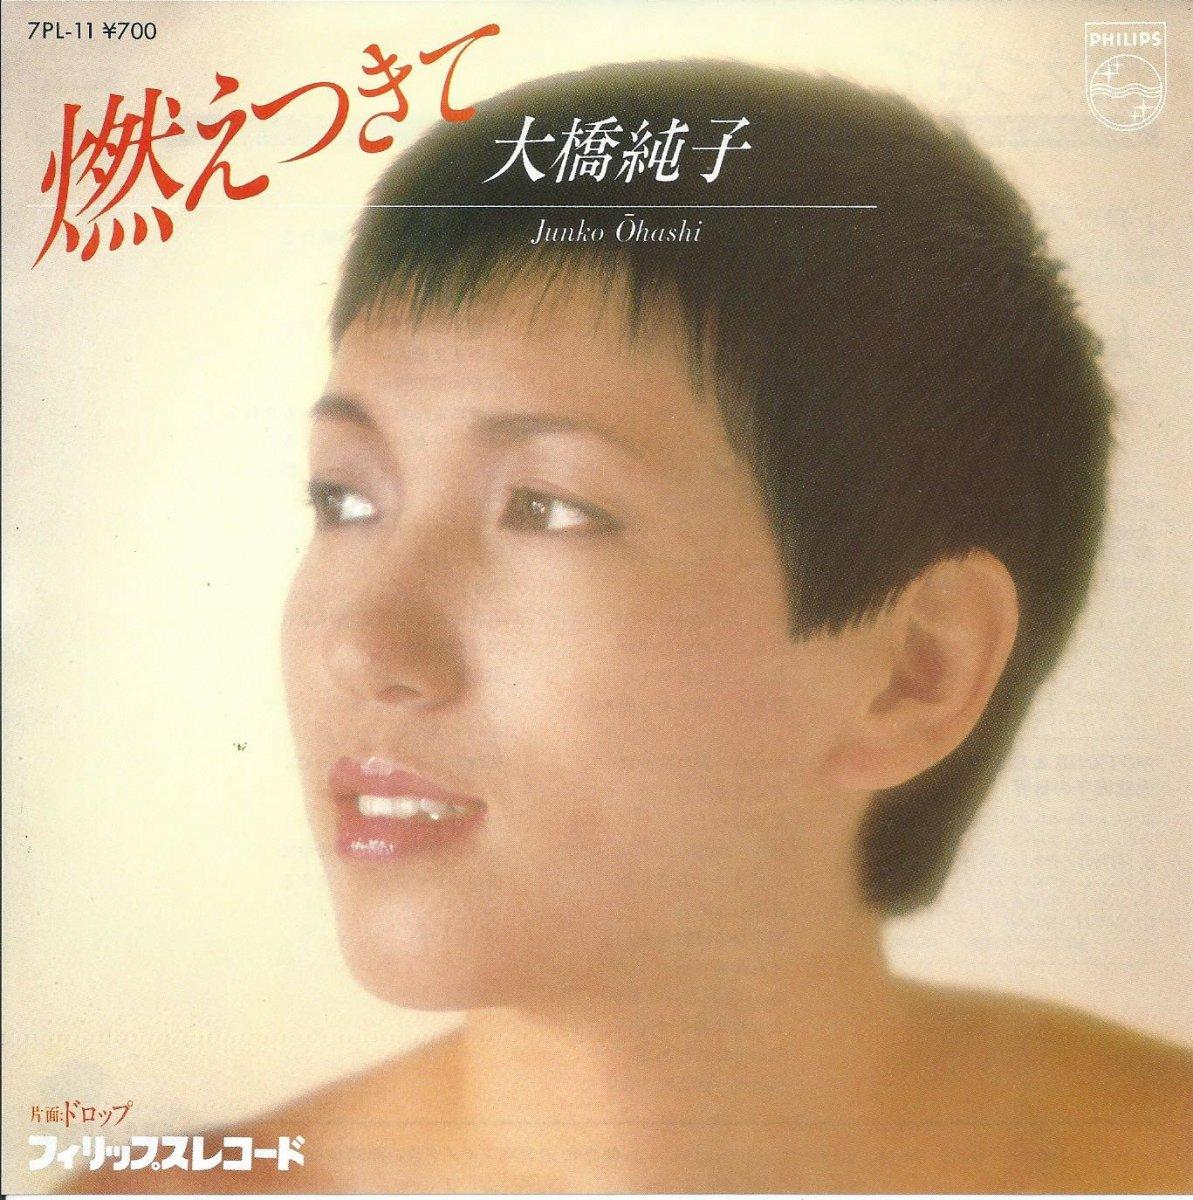 大橋純子 JUNKO OHASHI / 燃えつきて / ドロップ (筒美京平) (7